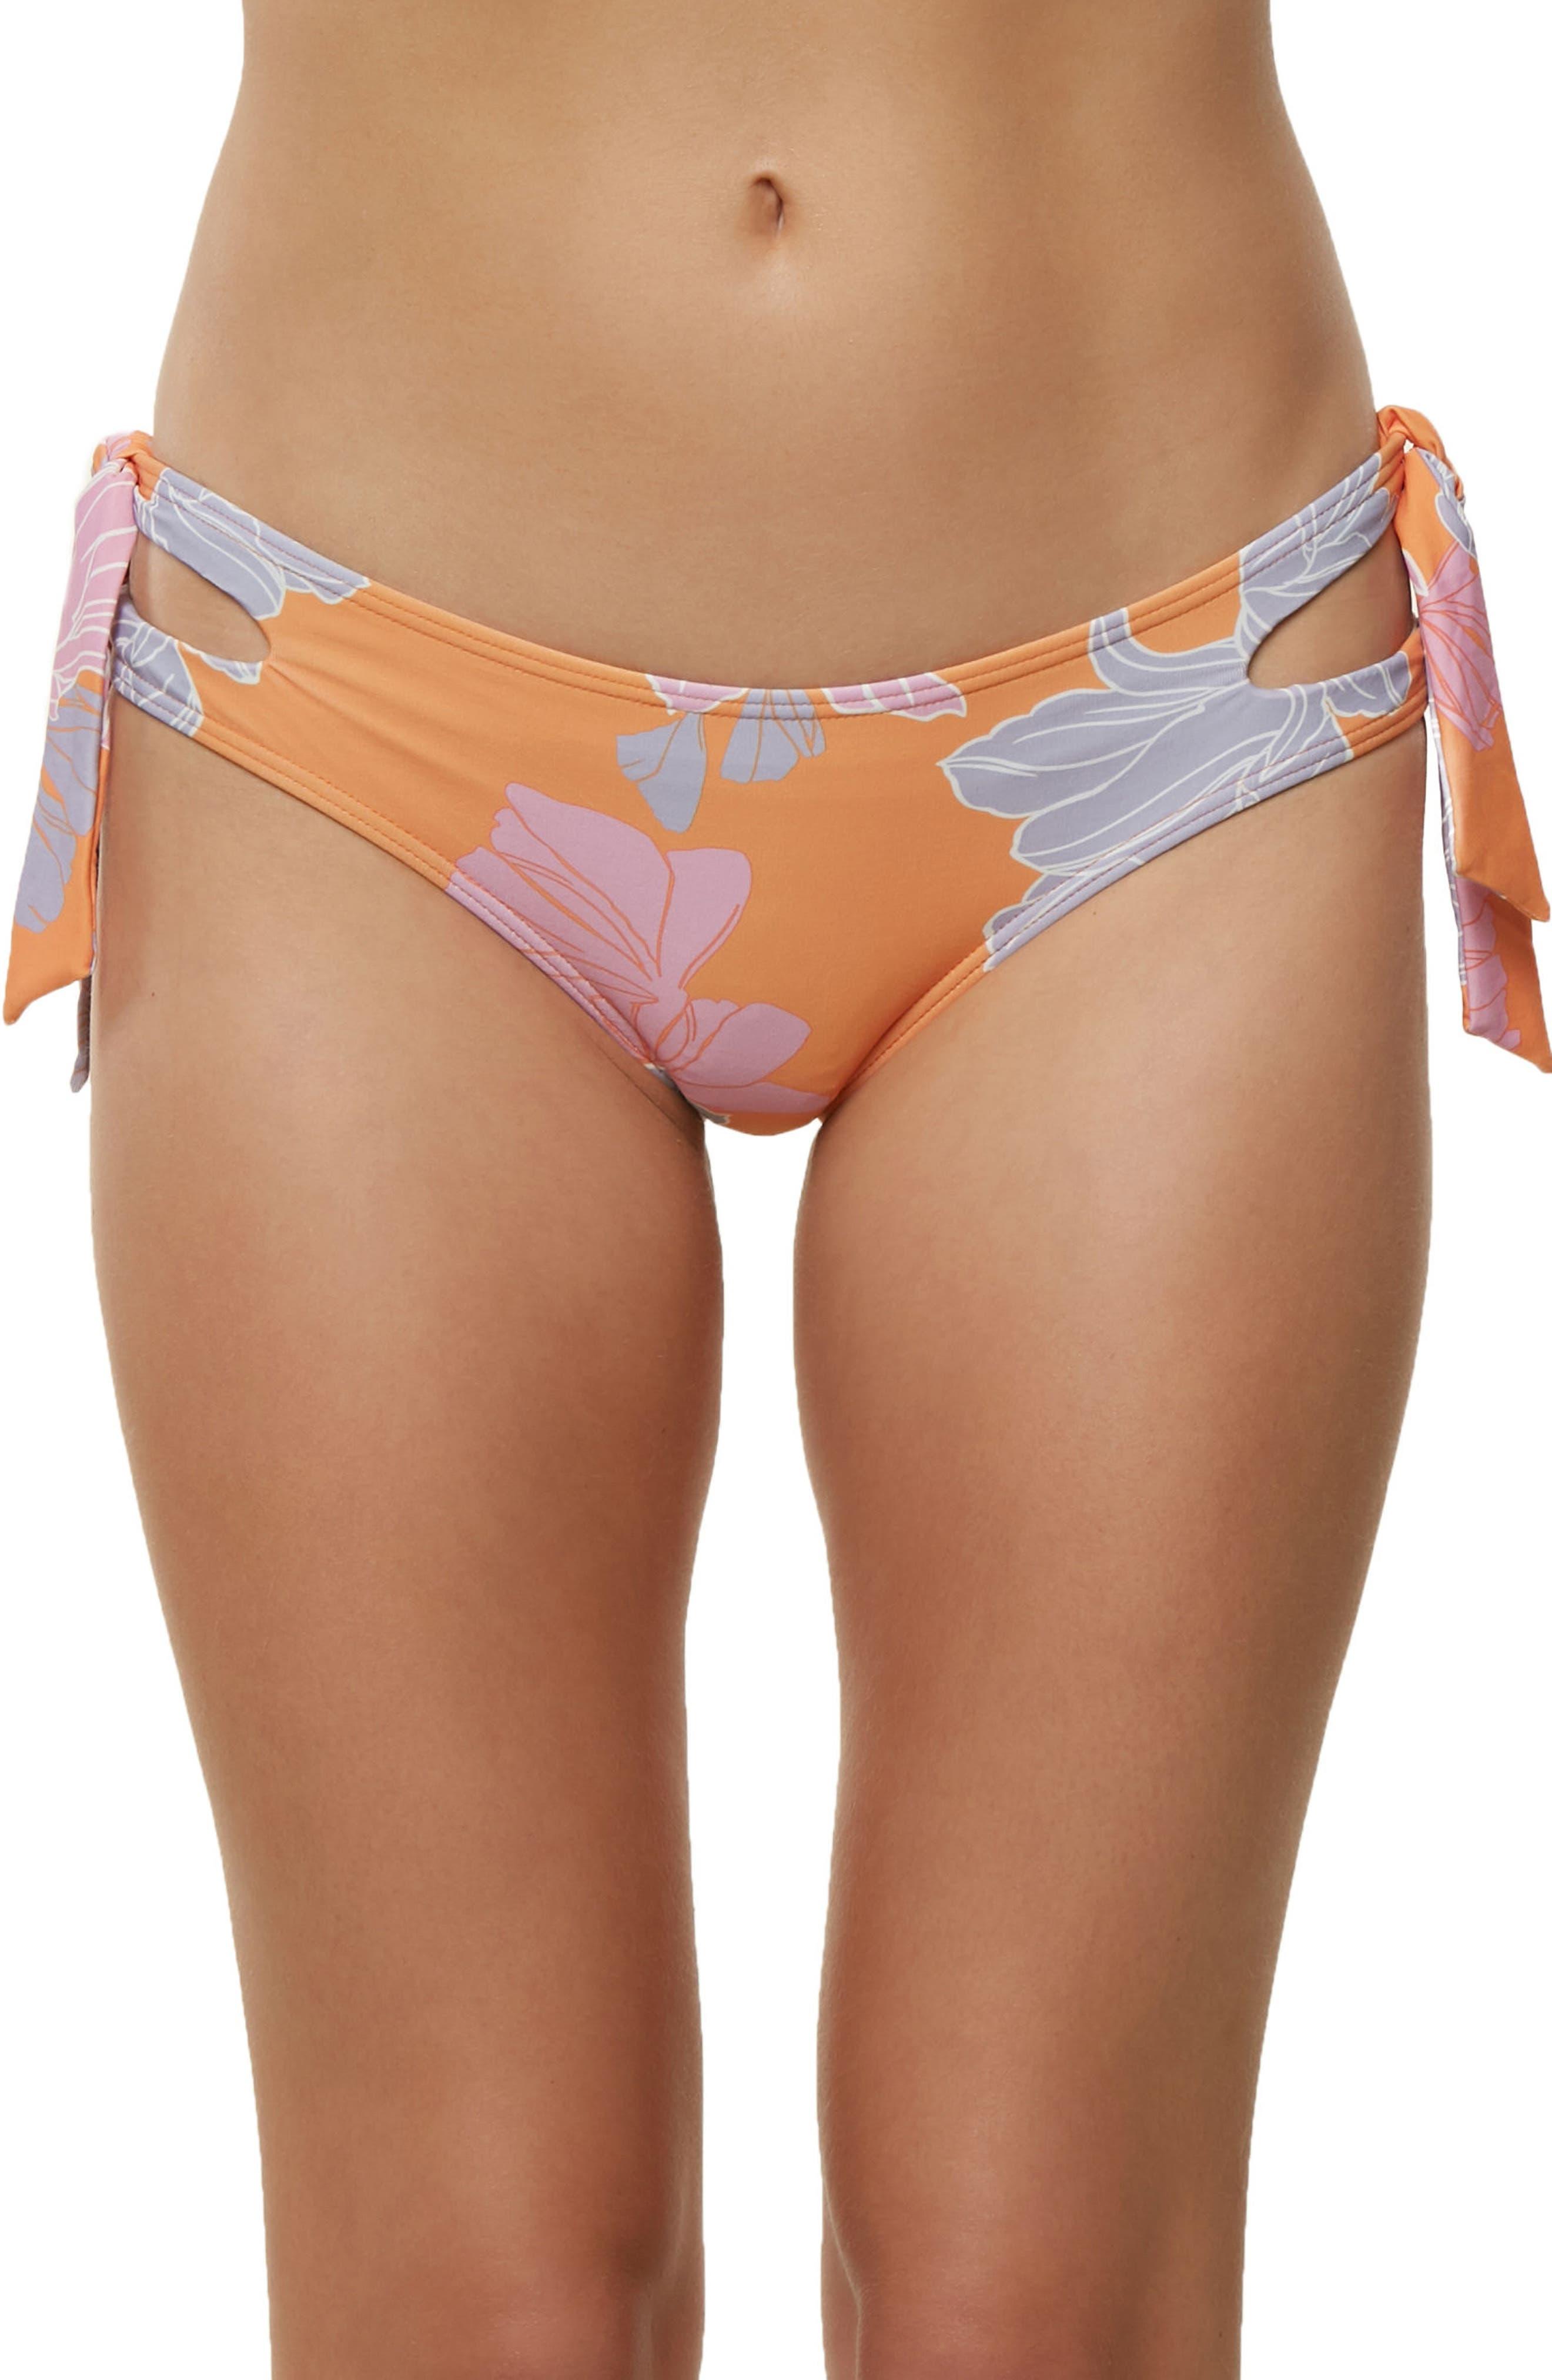 Zilla Side Tie Bikini Bottoms,                         Main,                         color, Orange Multi